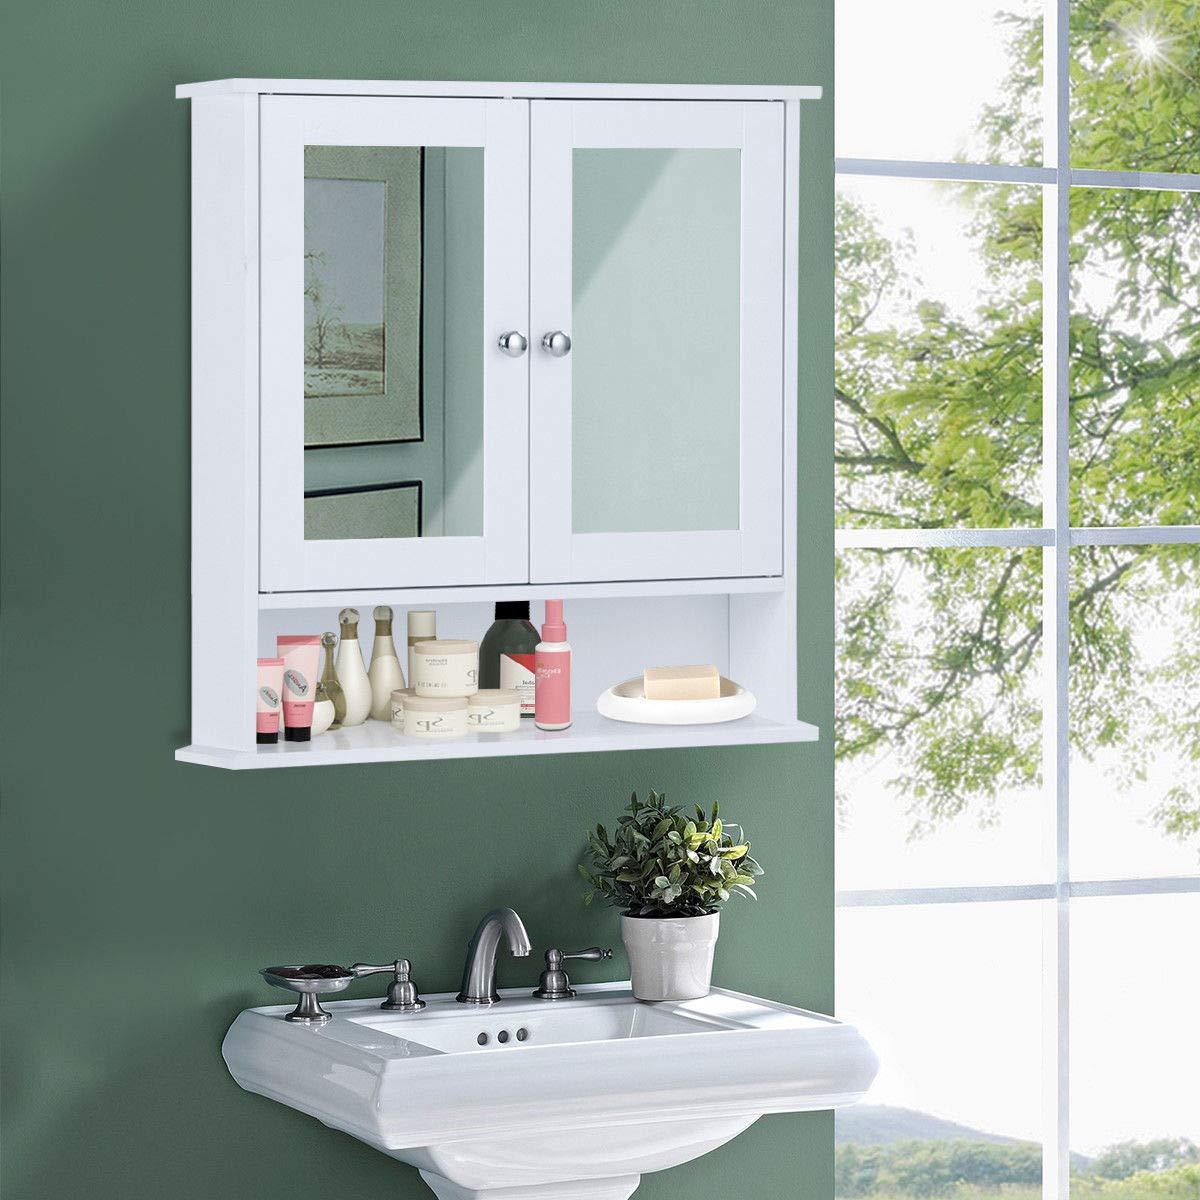 Costway Armadietto a Specchio Mobile a Parete da Bagno, Pensile a Muro, Bianco, 56 x 13 x 58 cm